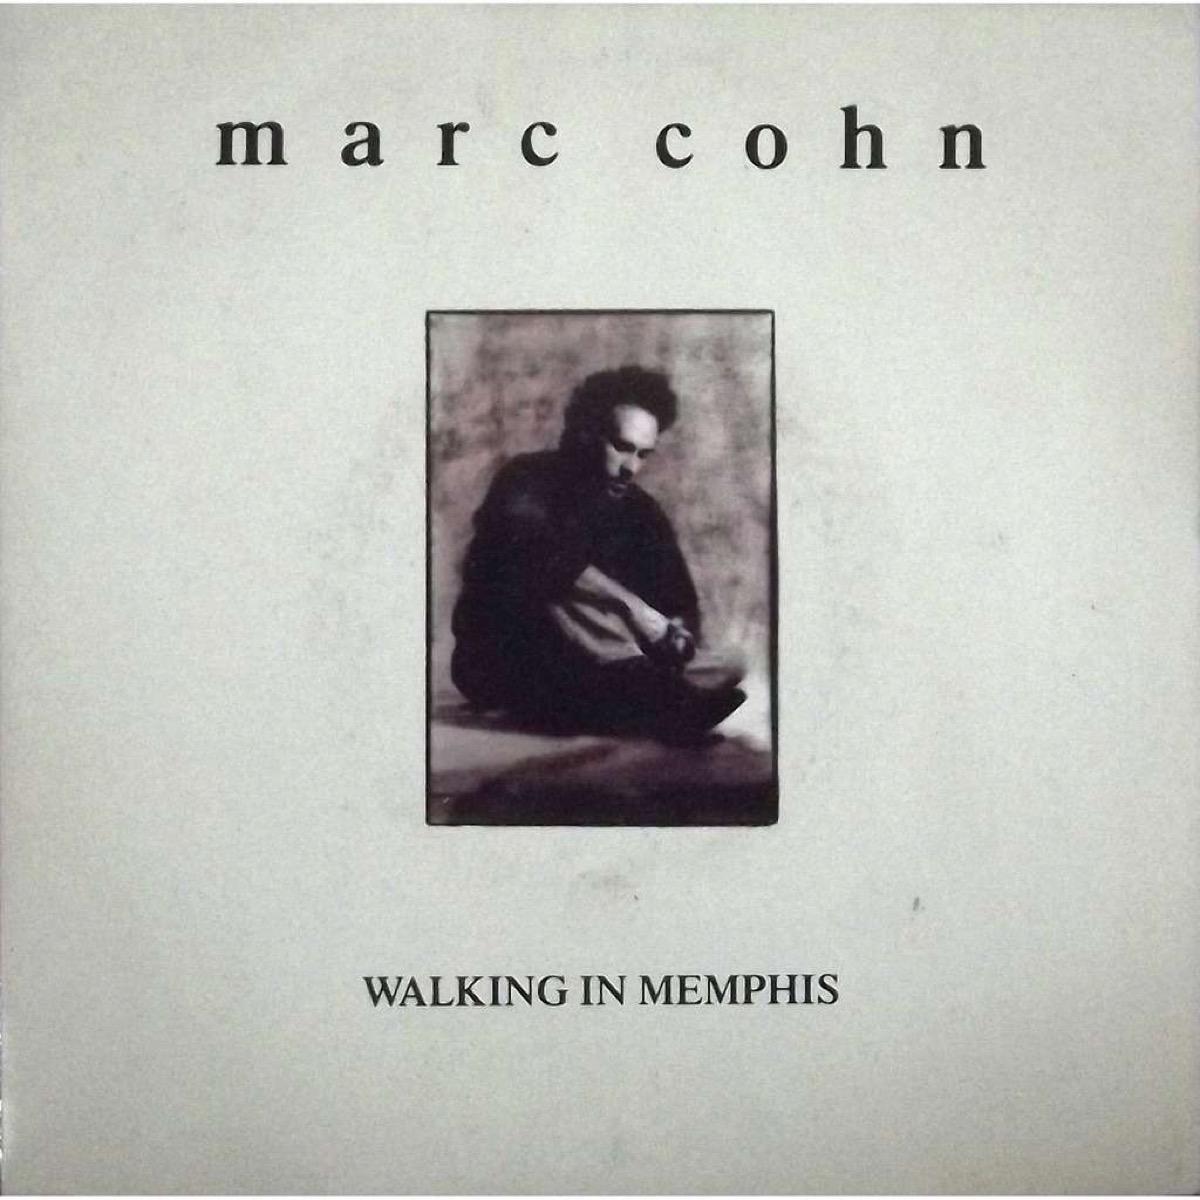 Walking in Memphis by Marc Cohn Best One-Hit Wonders